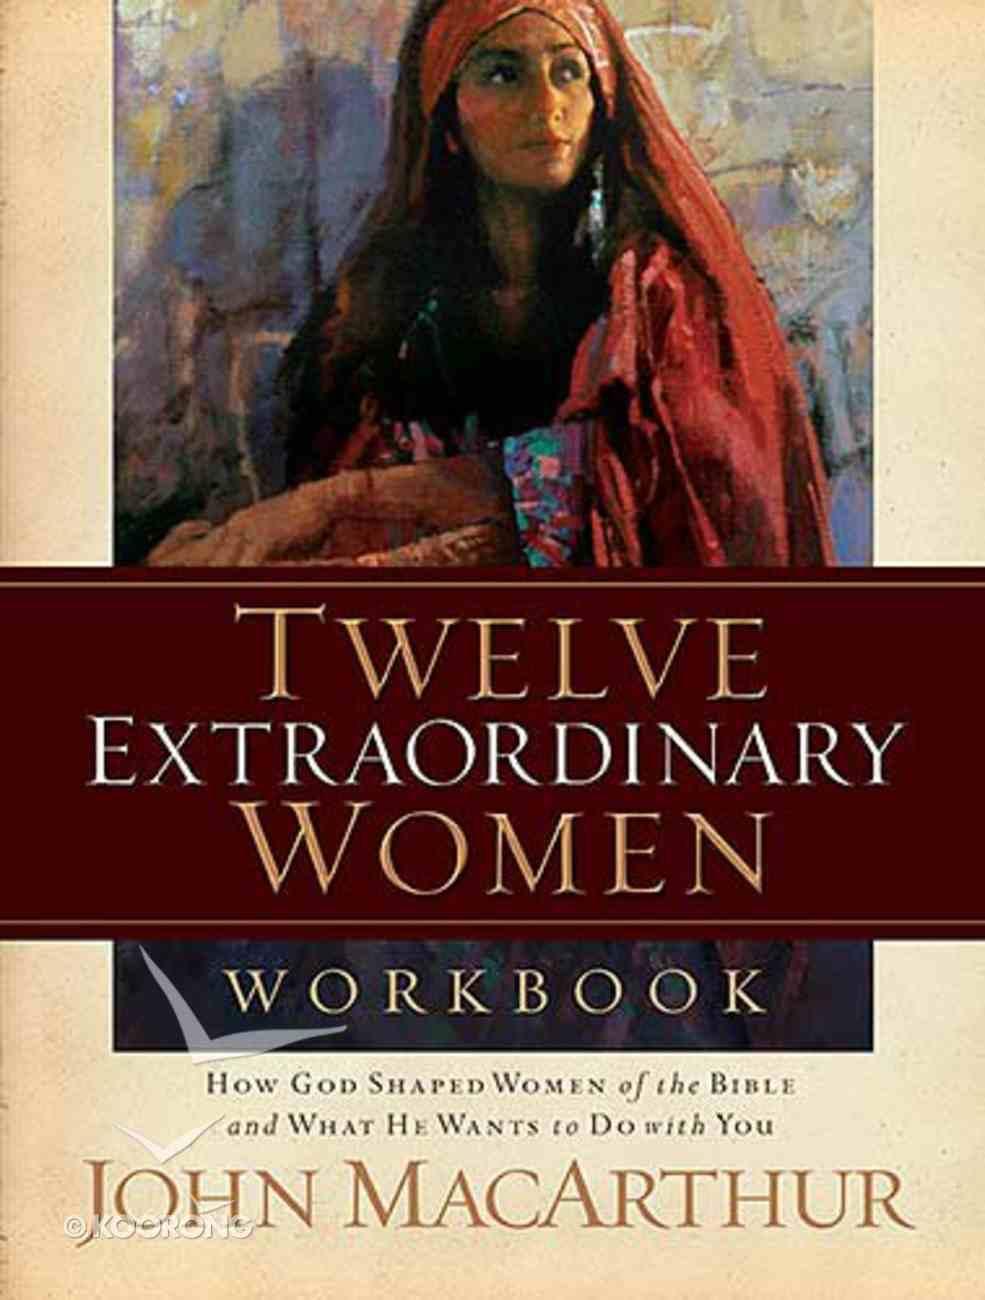 Twelve Extraordinary Women Workbook Paperback